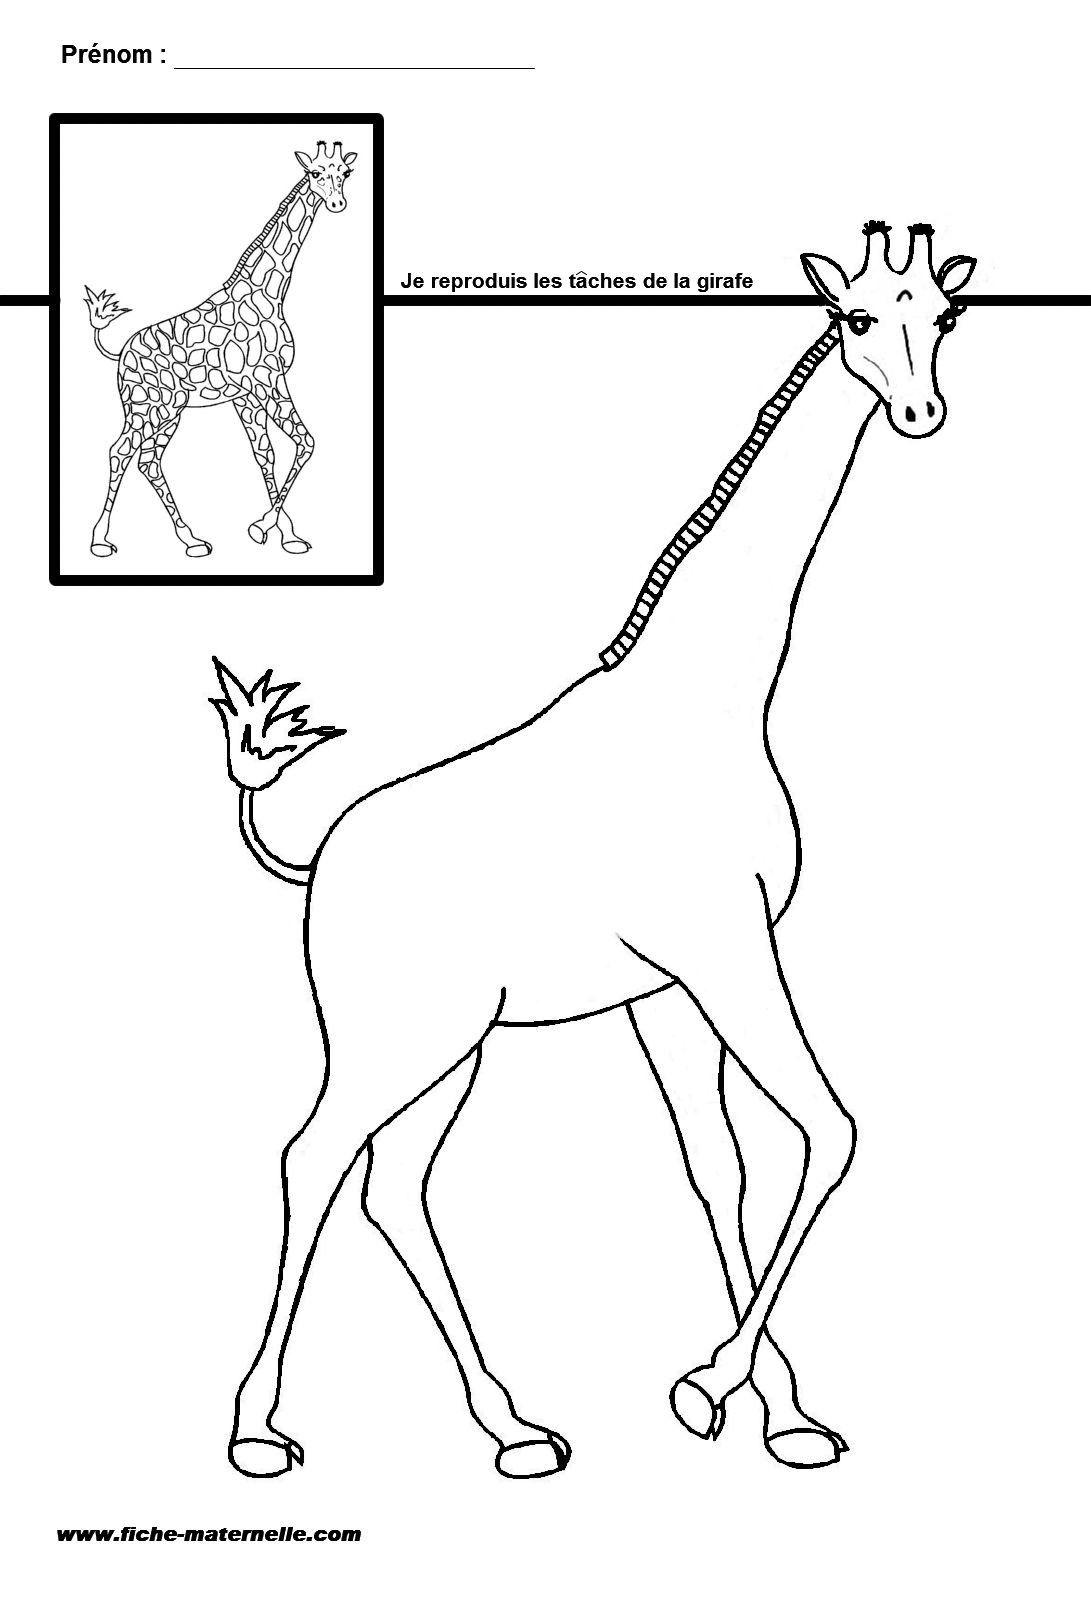 Geef De Giraf Zijn Vlekken Animaux Afrique Animaux Du Zoo Girafes